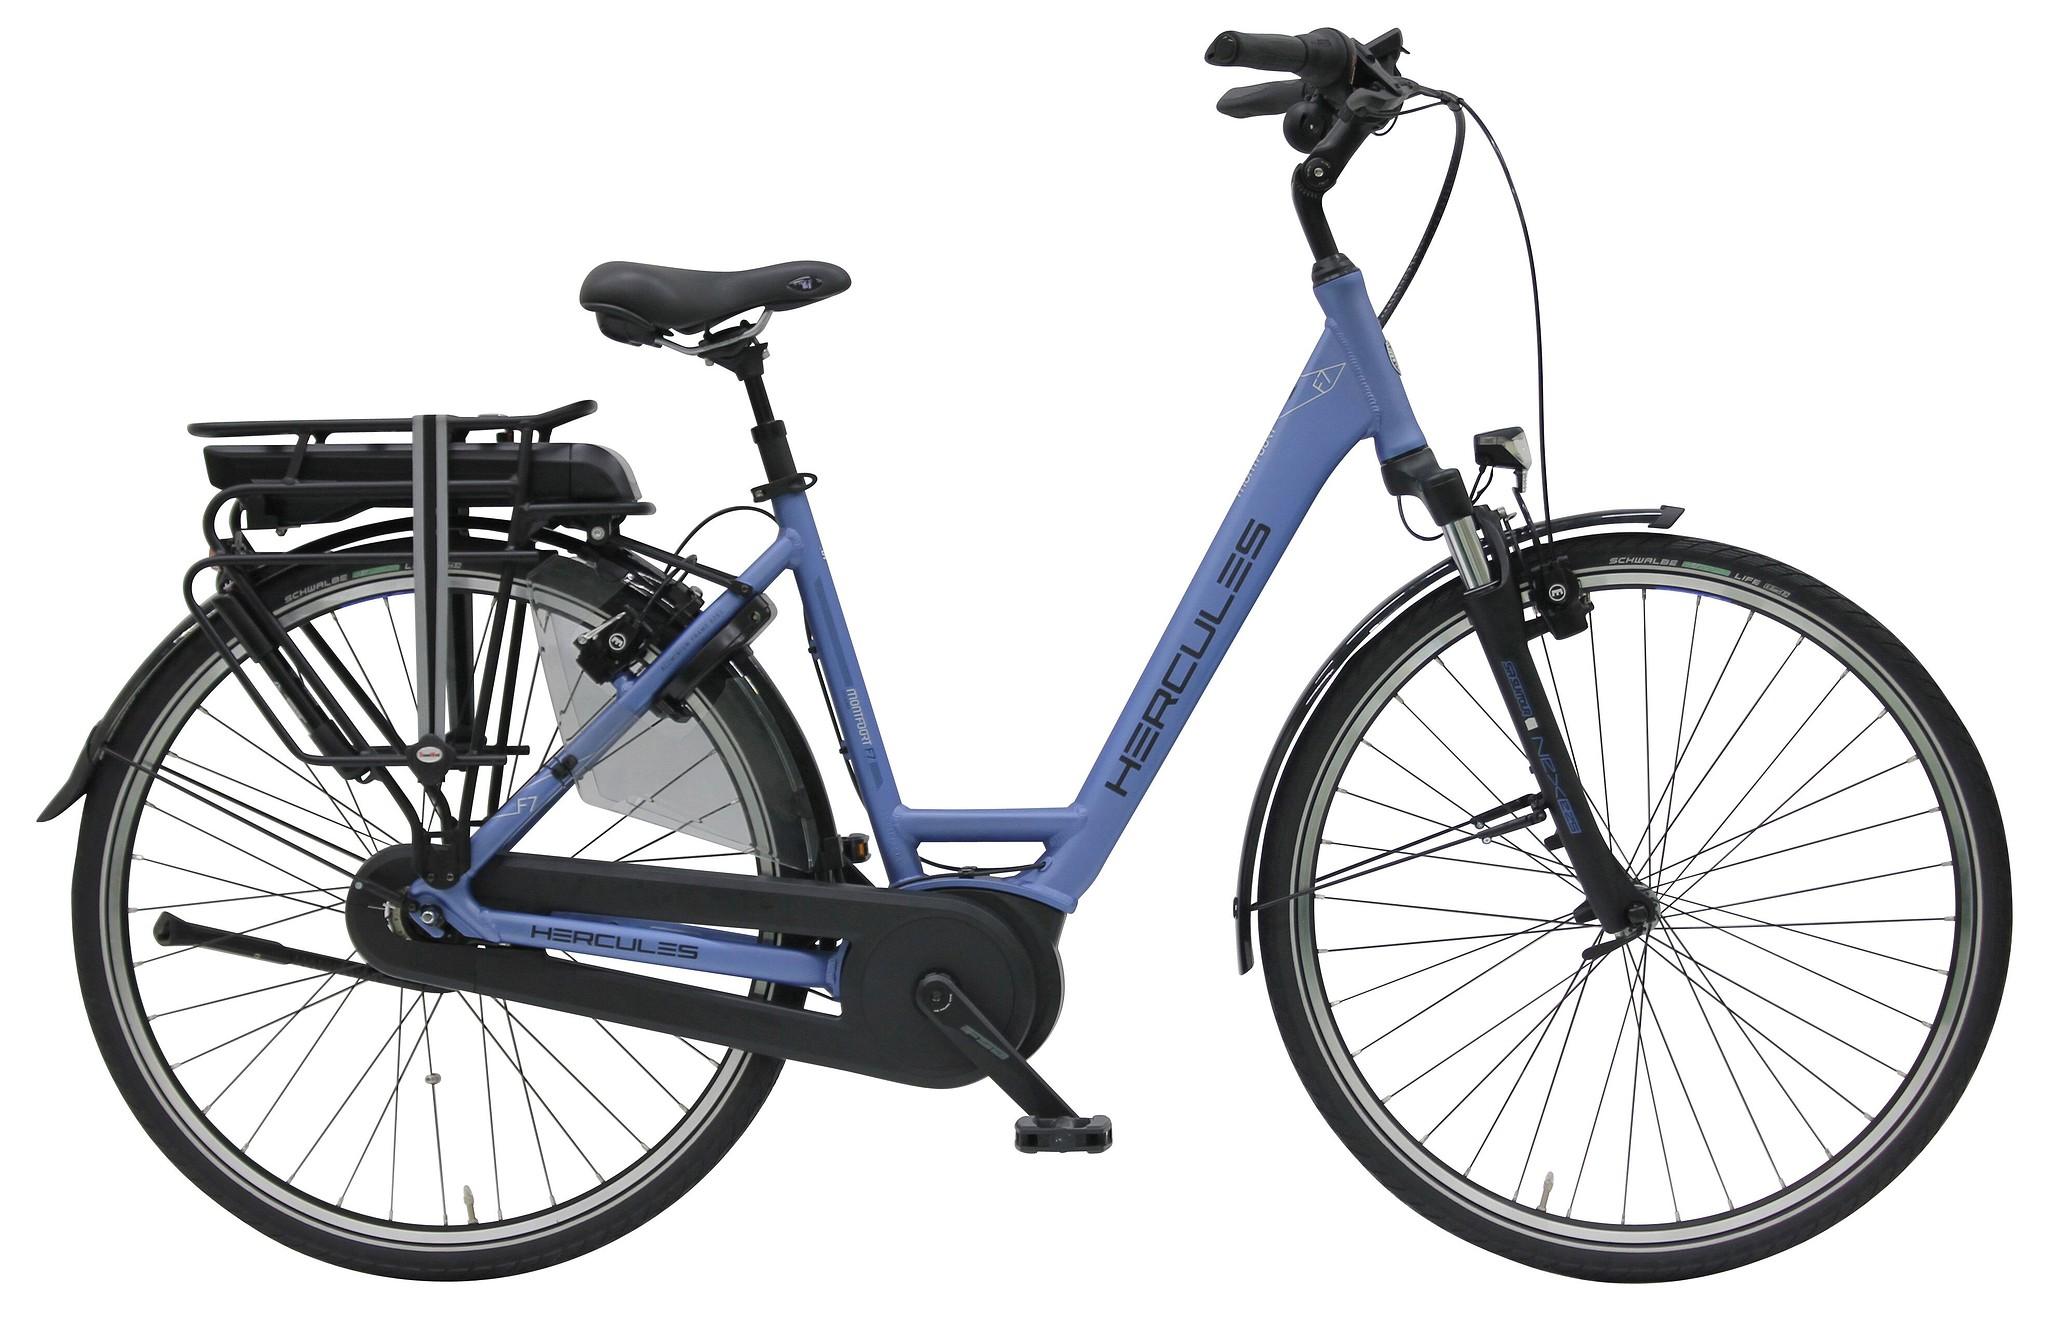 Hercules Elektrische fiets Montfoort dames mat blauw 50cm 400 Watt Blauw